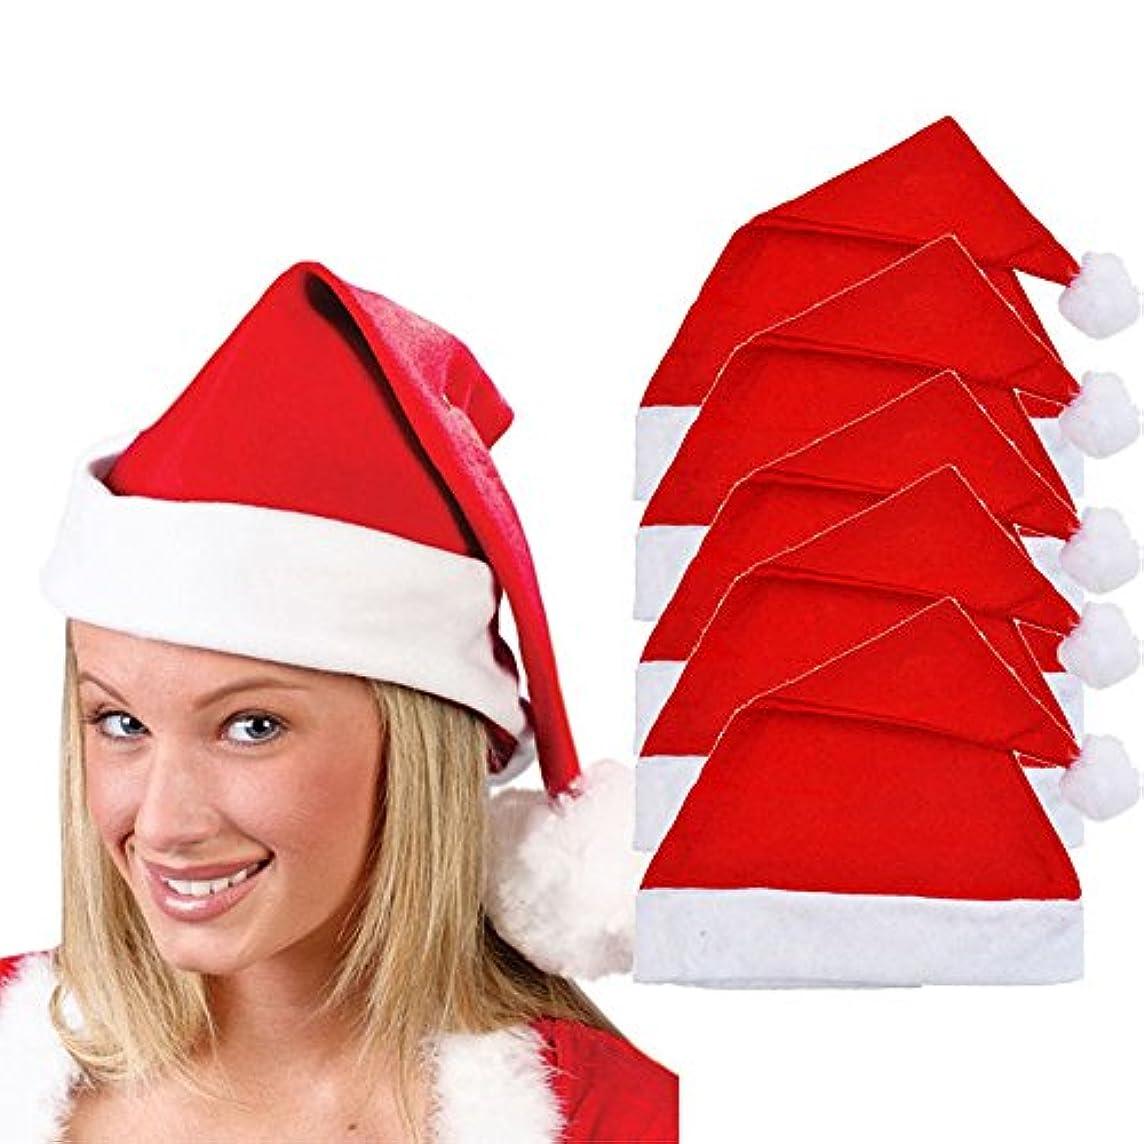 計り知れないねばねば普及Racazing クリスマスハット 5つの レッド Hat ライト ドームキャップ 防寒対策 通気性のある 防風 ニット帽 暖かい 軽量 屋外 スキー 自転車 クリスマス 男女兼用 Christmas Cap